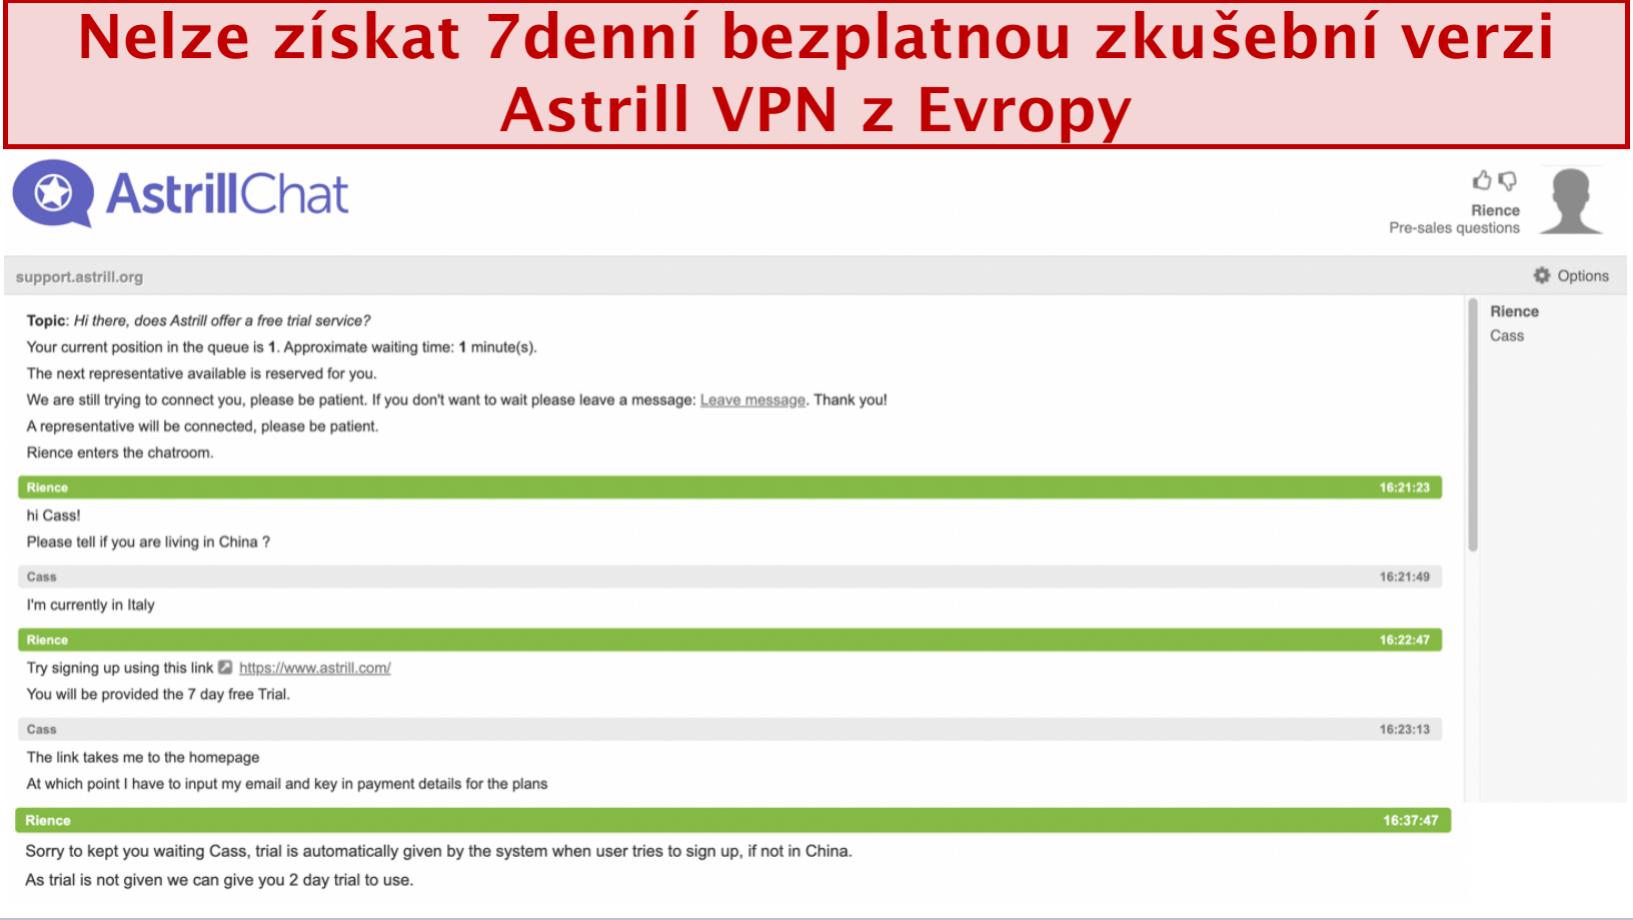 snímek obrazovky rozhovoru s týmem podpory Astrill VPN, kde není poskytována 7denní bezplatná zkušební verze, i když má uživatel sídlo v Evropě